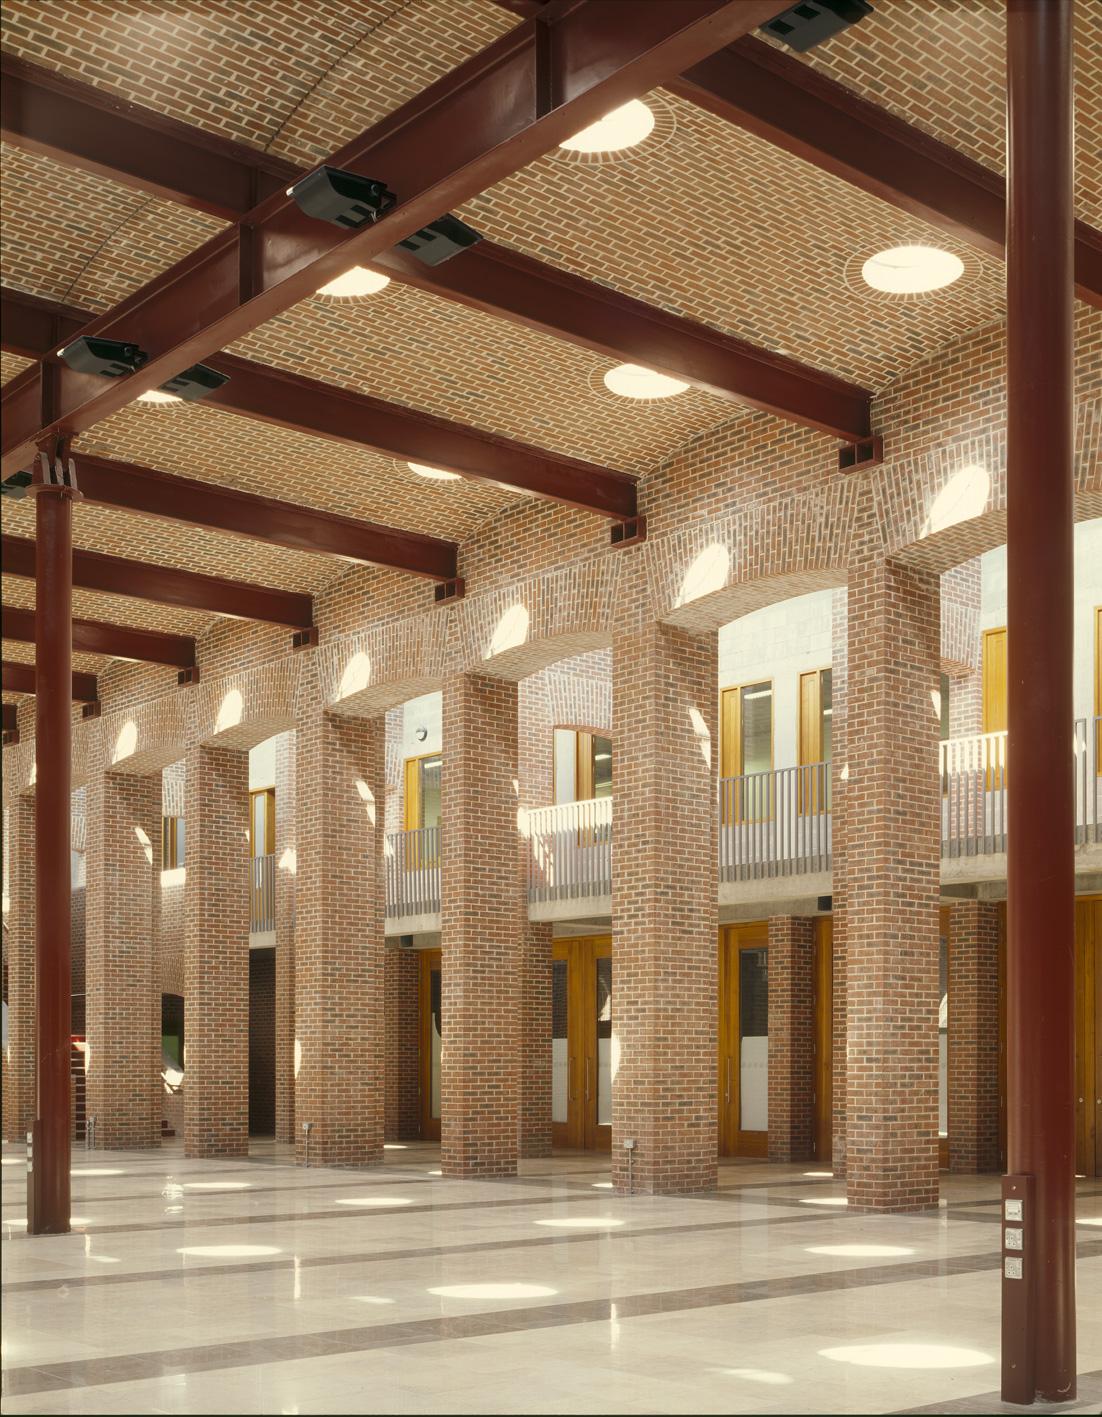 5 CIT - Interior